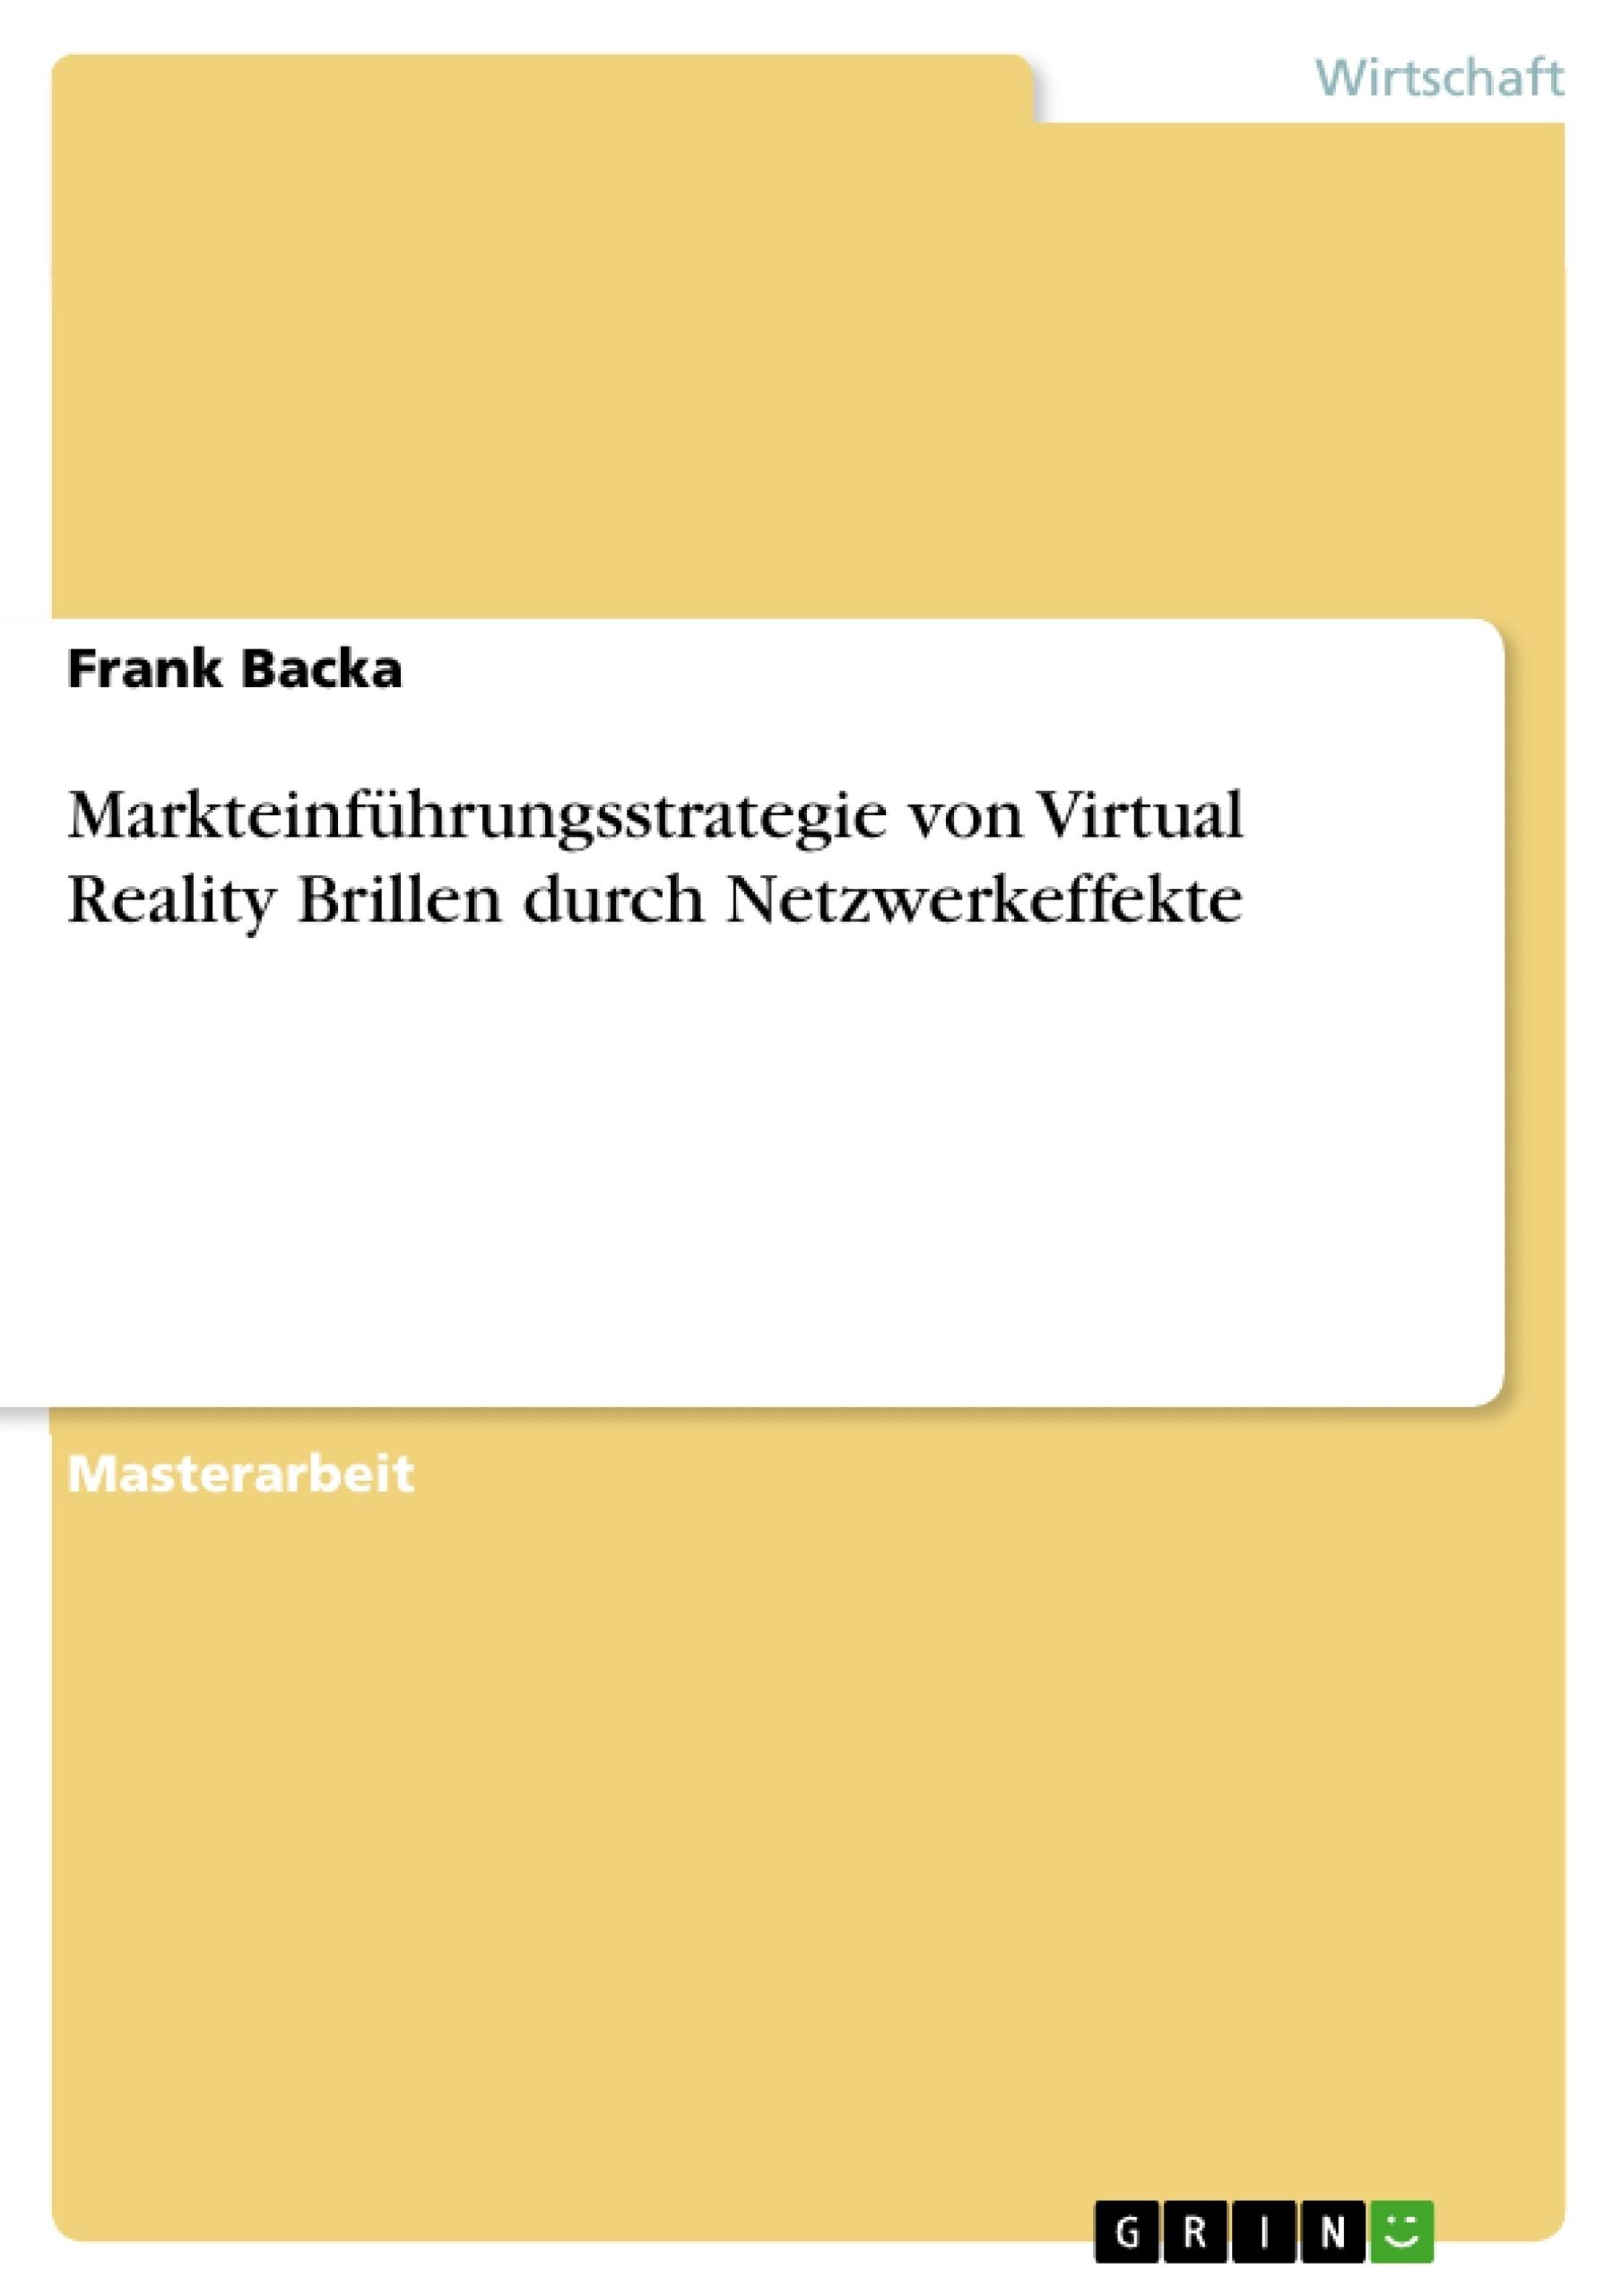 Titel: Markteinführungsstrategie von Virtual Reality Brillen durch Netzwerkeffekte